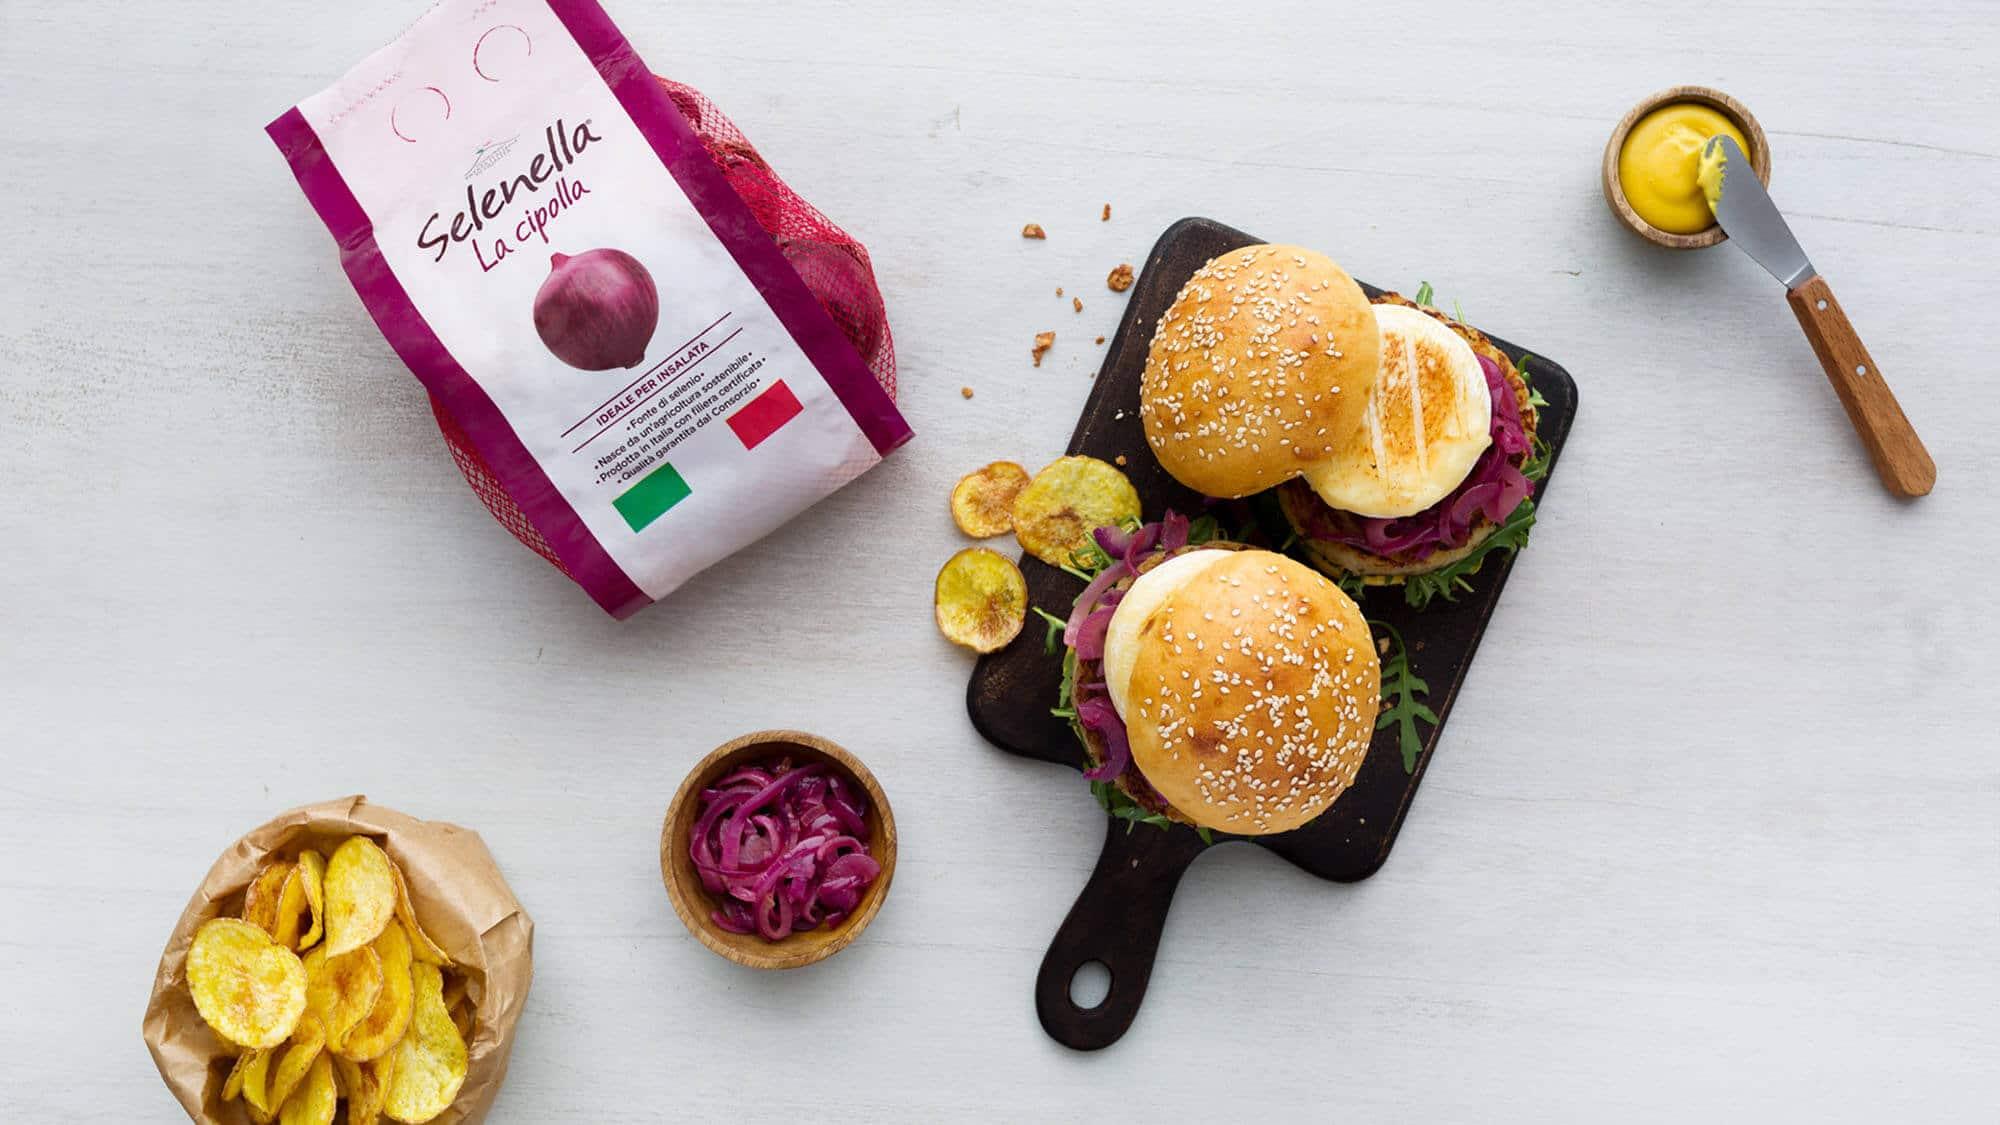 Burger con rosti di patate e cipolle in agrodolce - Ricette Selenella